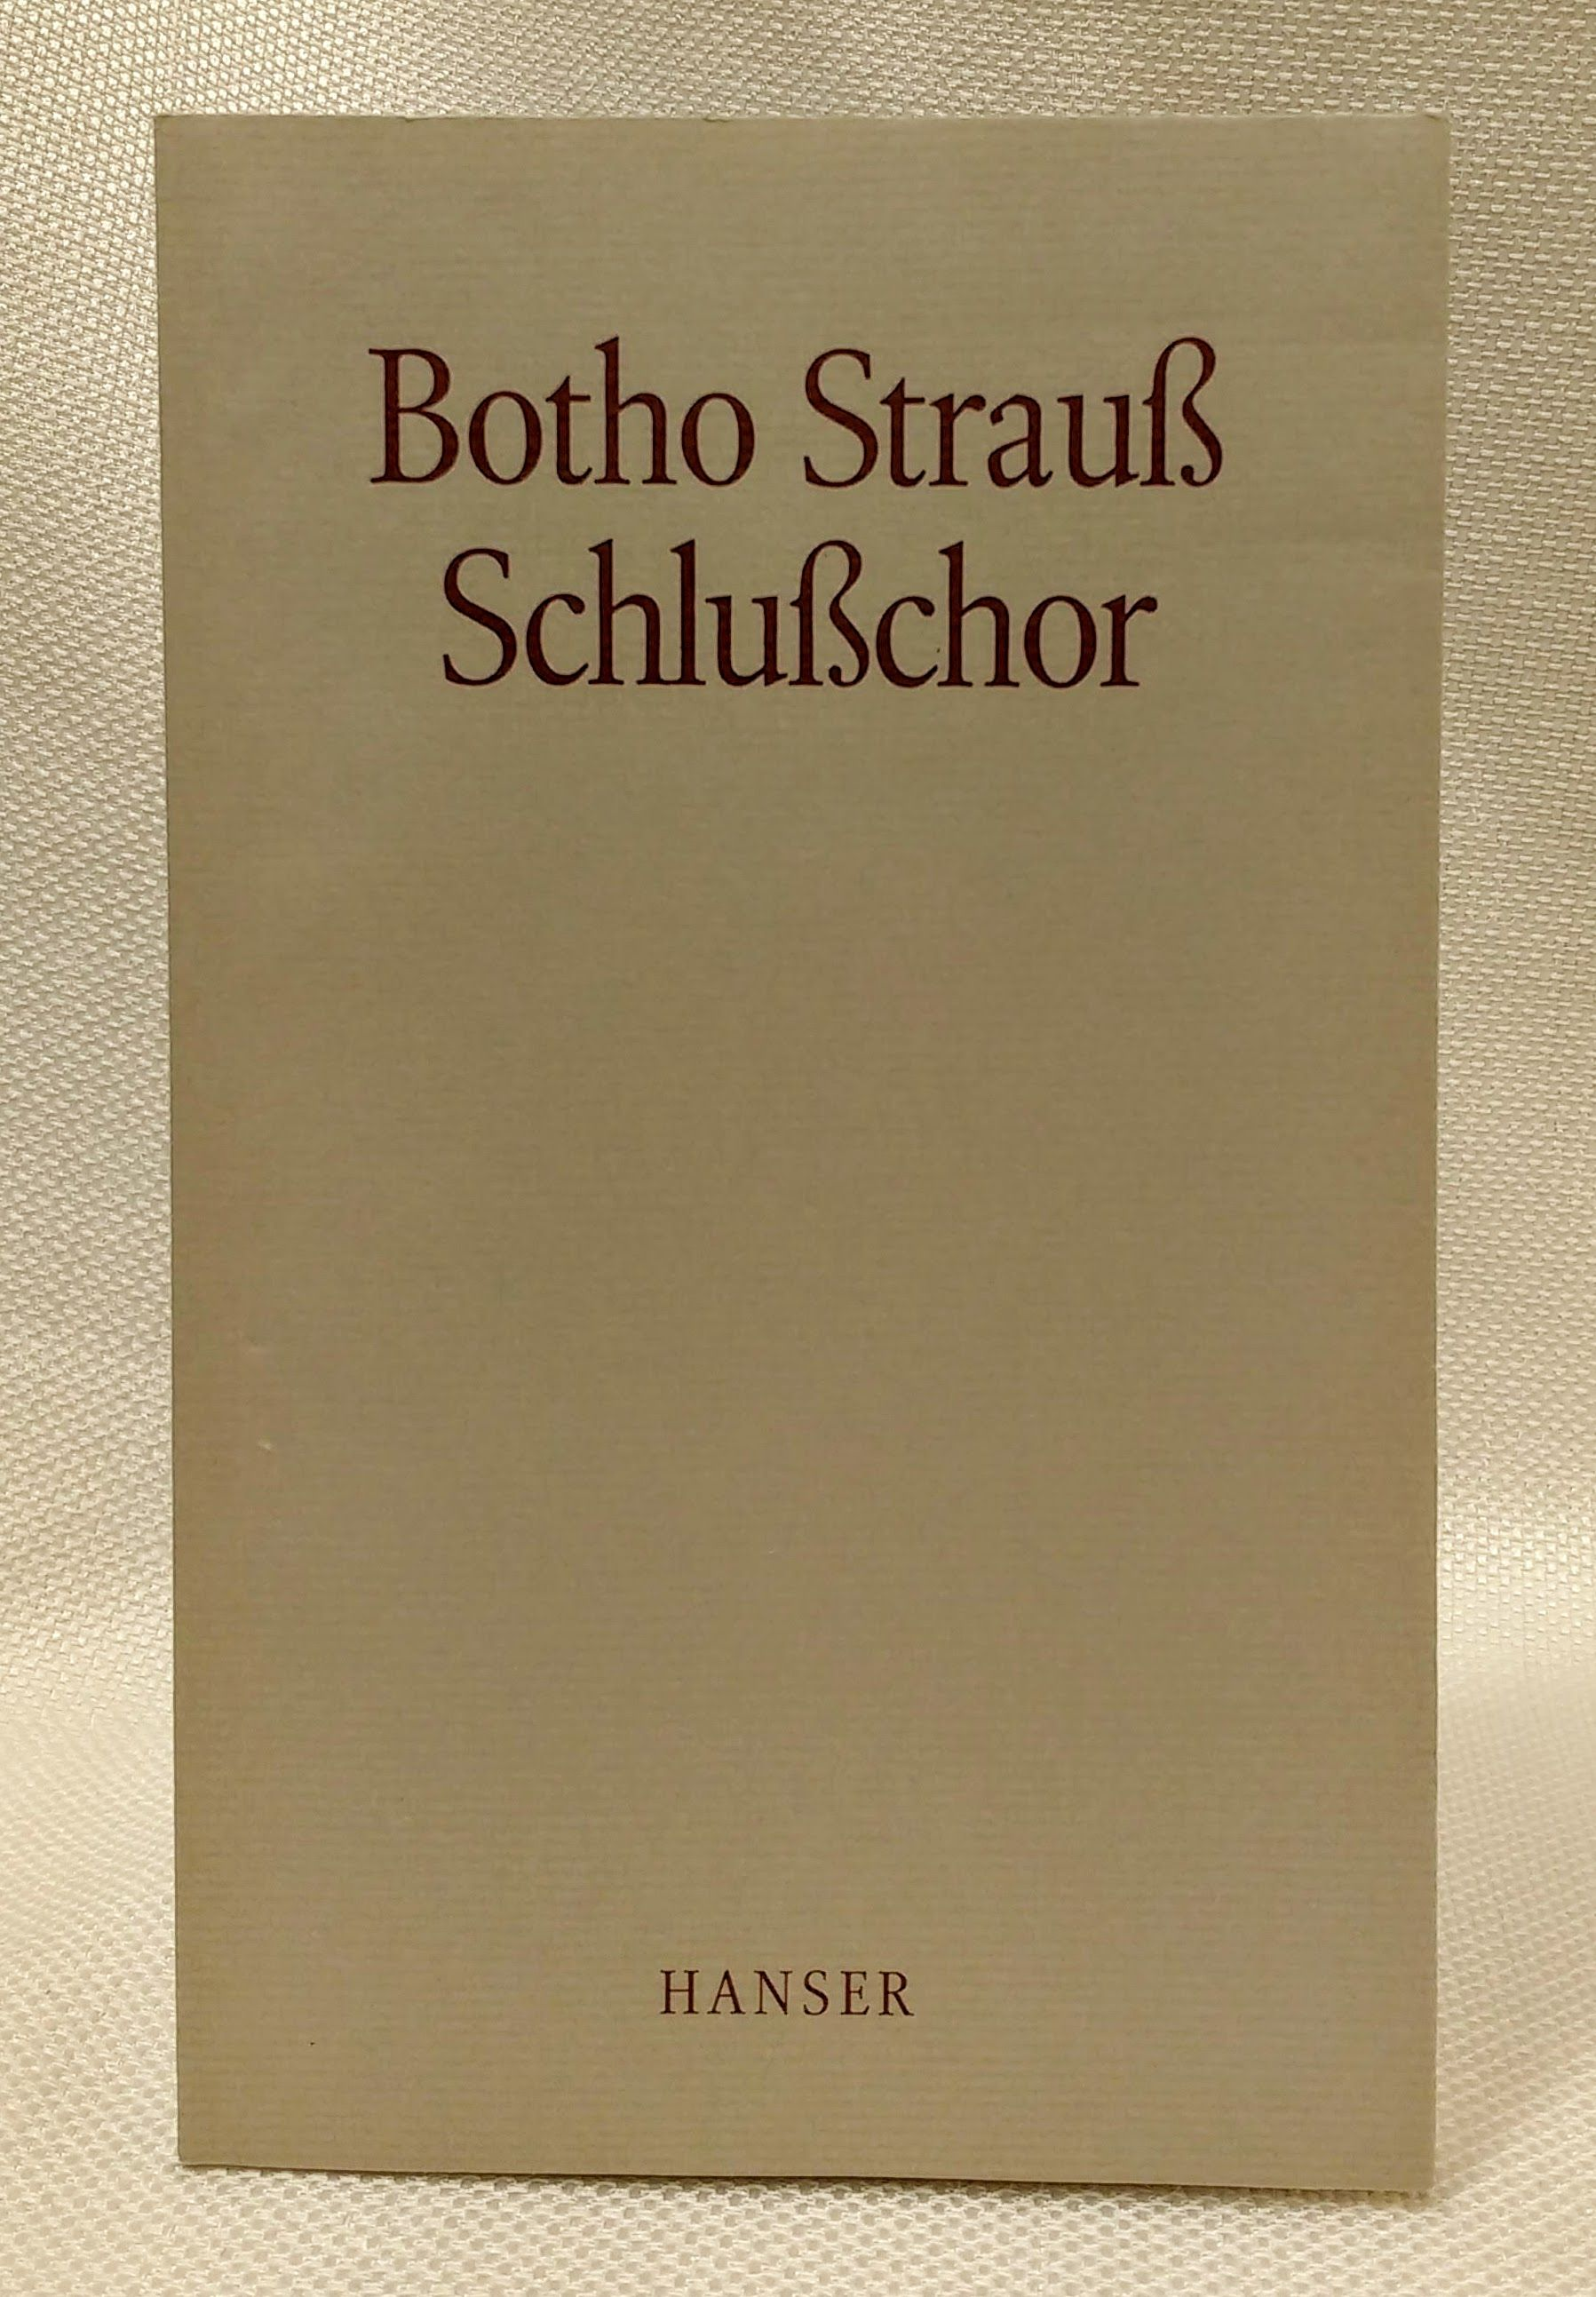 Schlusschor: Drei Akte (German Edition), Strauss, Botho